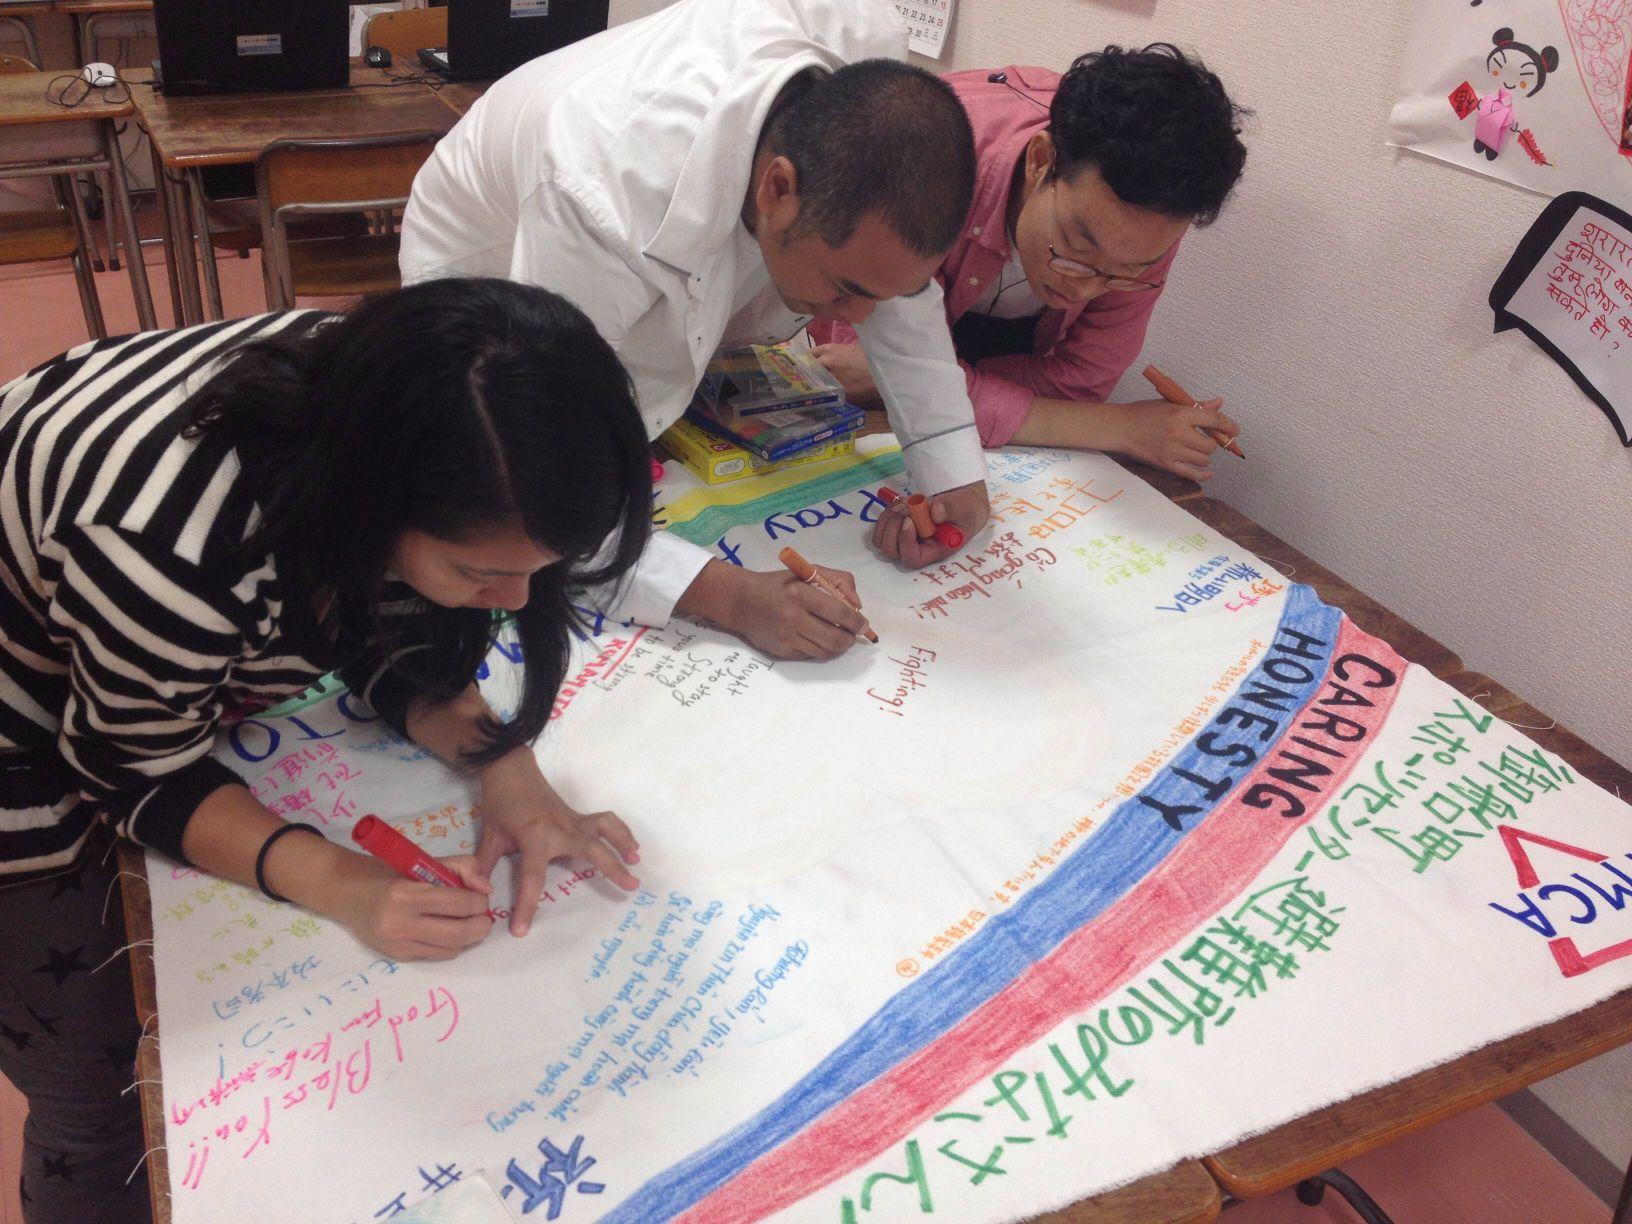 熊本地震の被災地への応援メッセージ作成